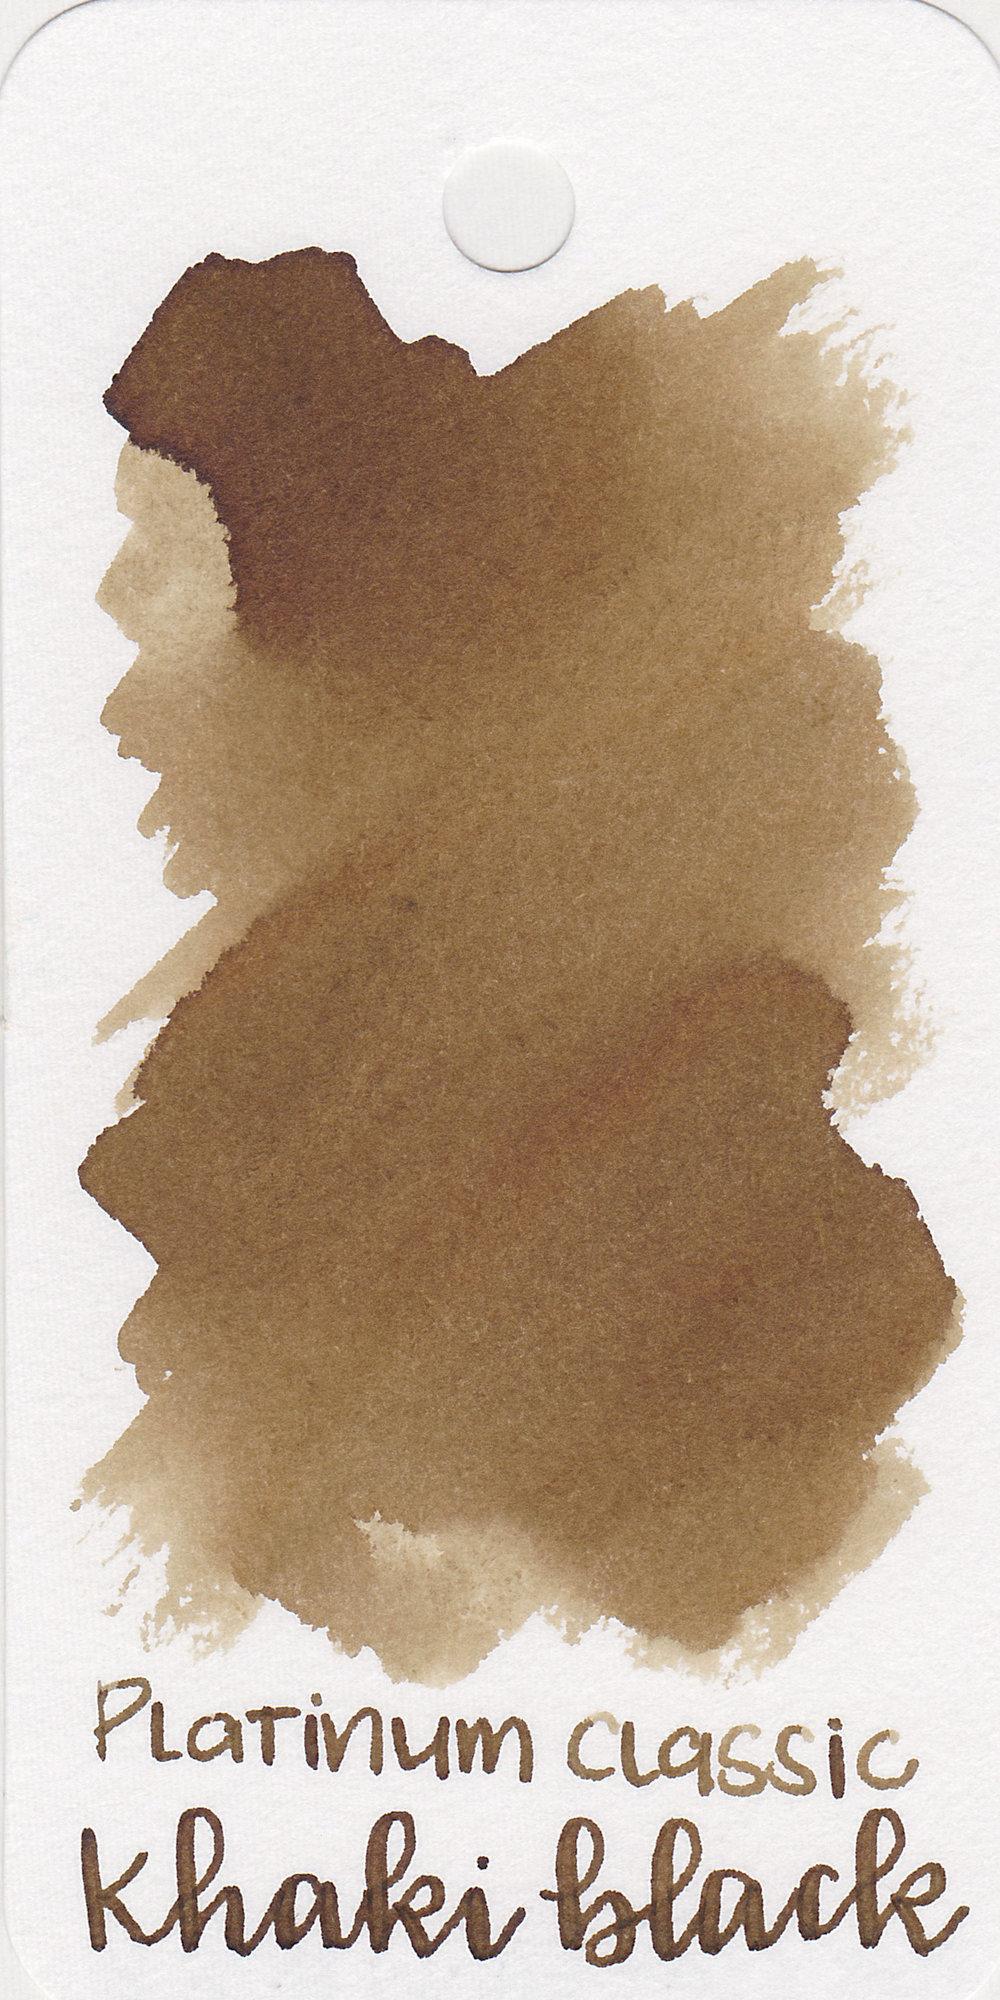 pl-khaki-black-1.jpg